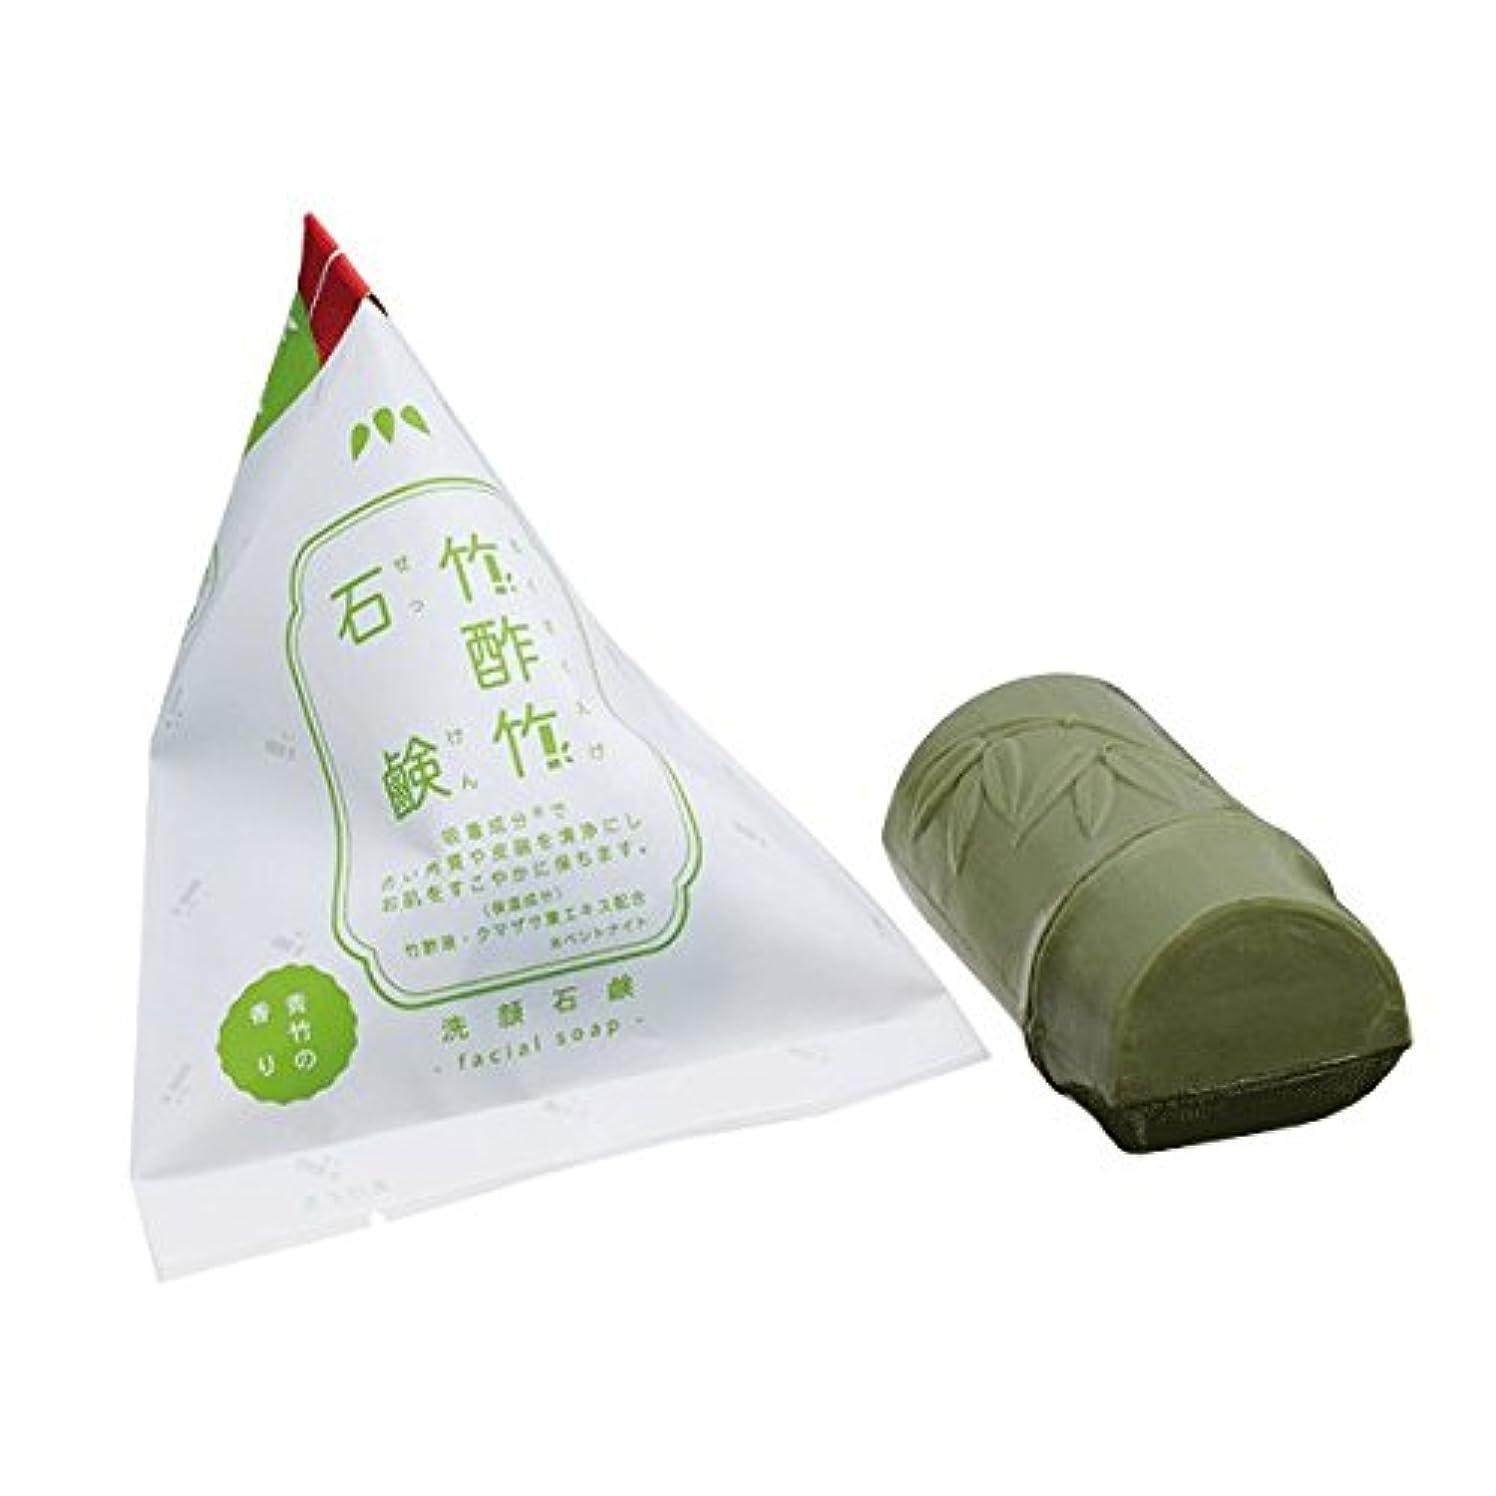 へこみ隠されたおじいちゃんフェニックス 竹酢竹泥棒石鹸120g(5個セット)